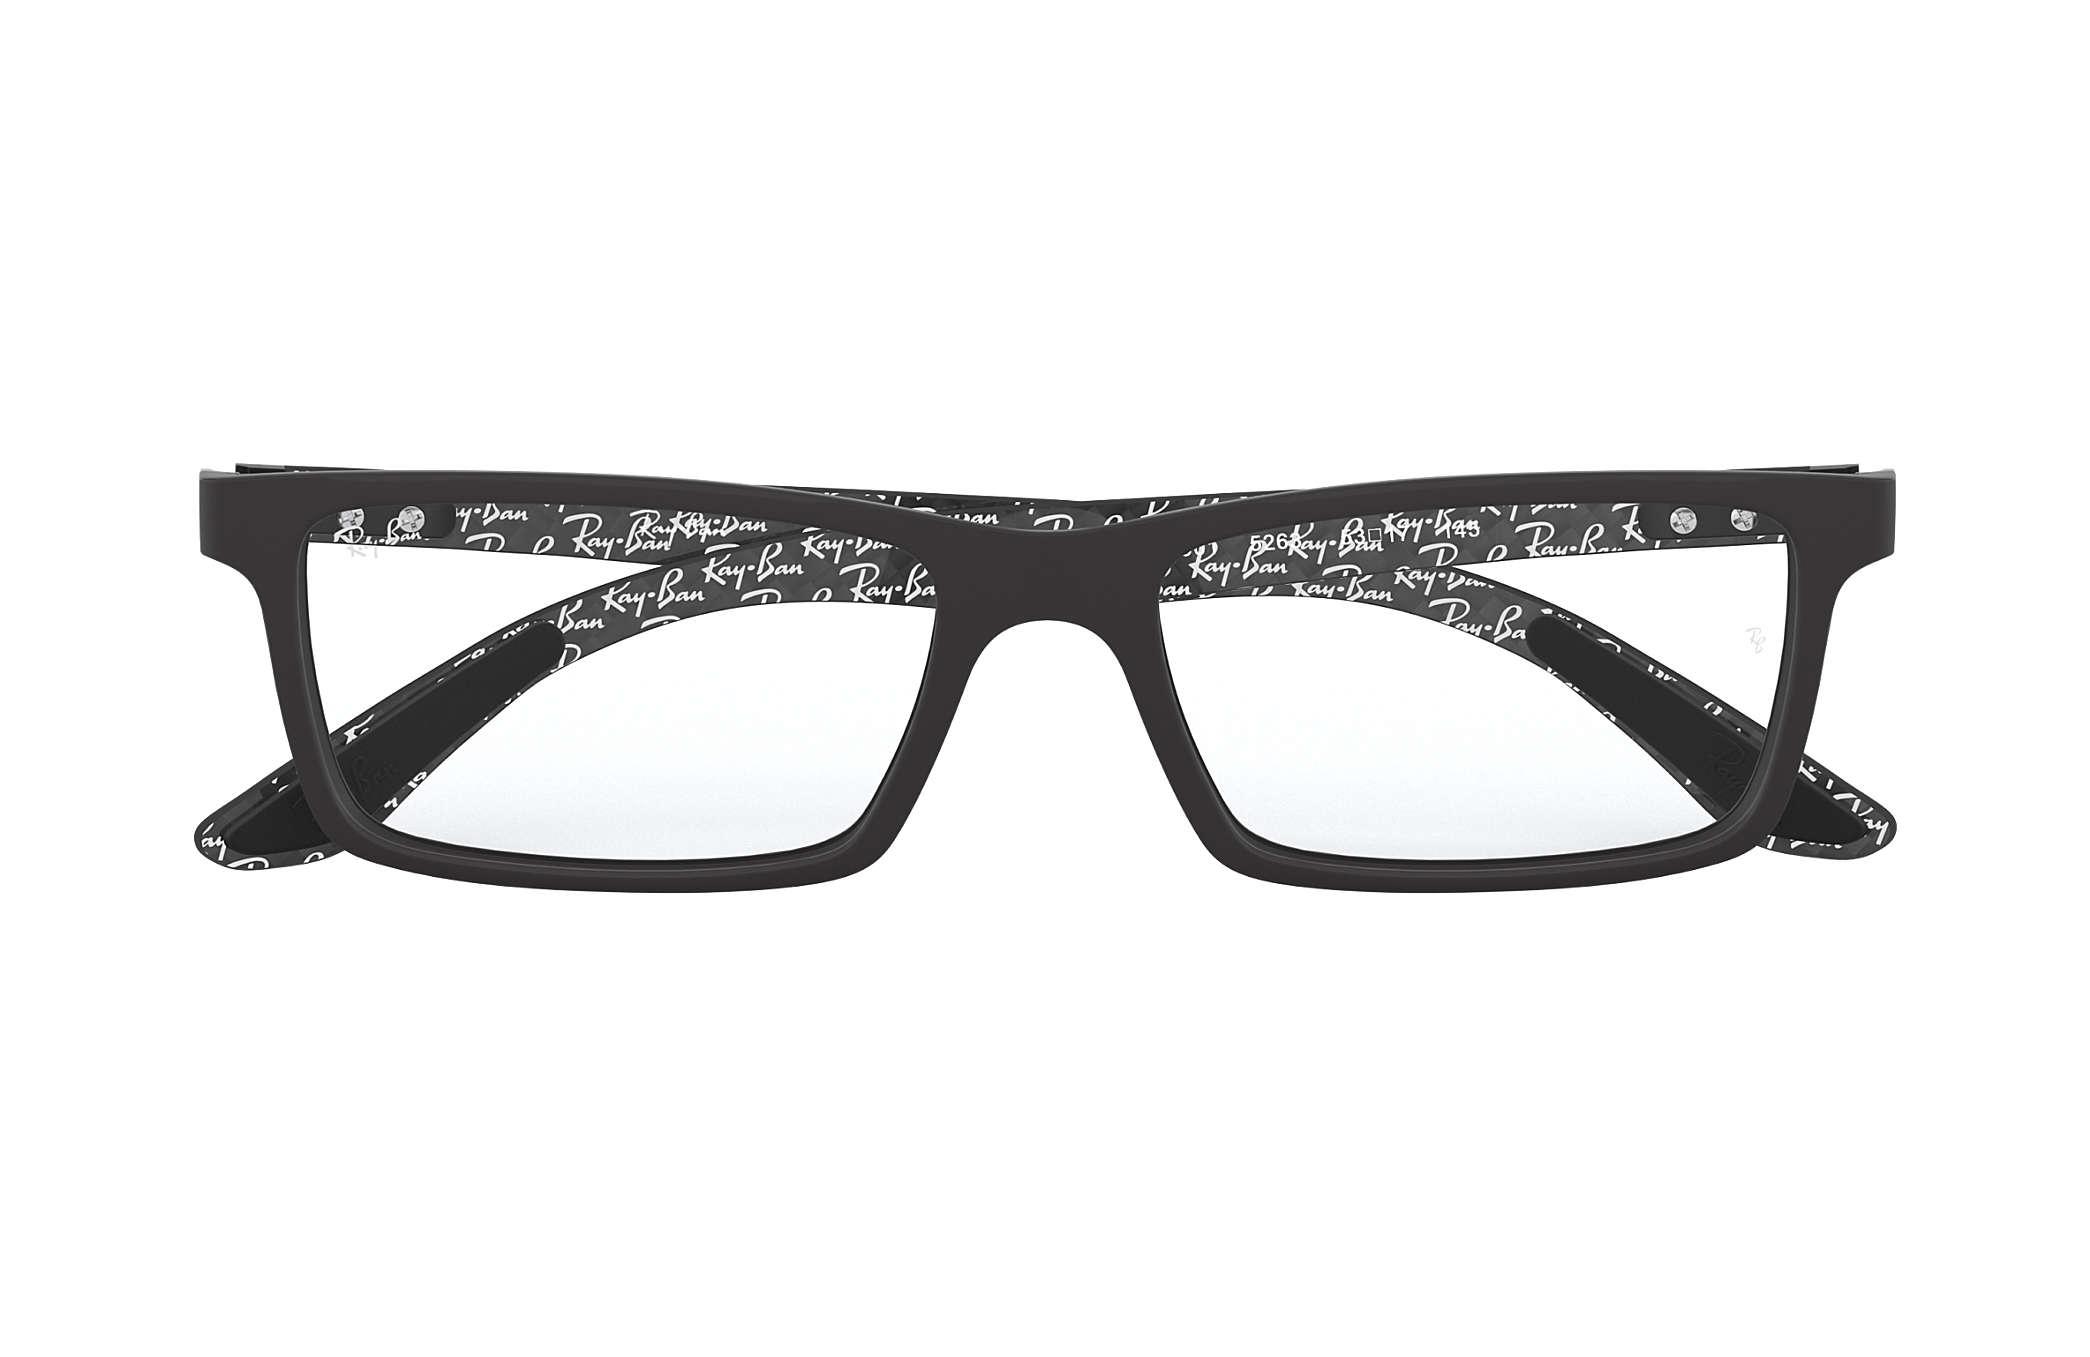 Ray-Ban prescription glasses RB8901 Black - Carbon Fibre ... d8a93b4d9b85